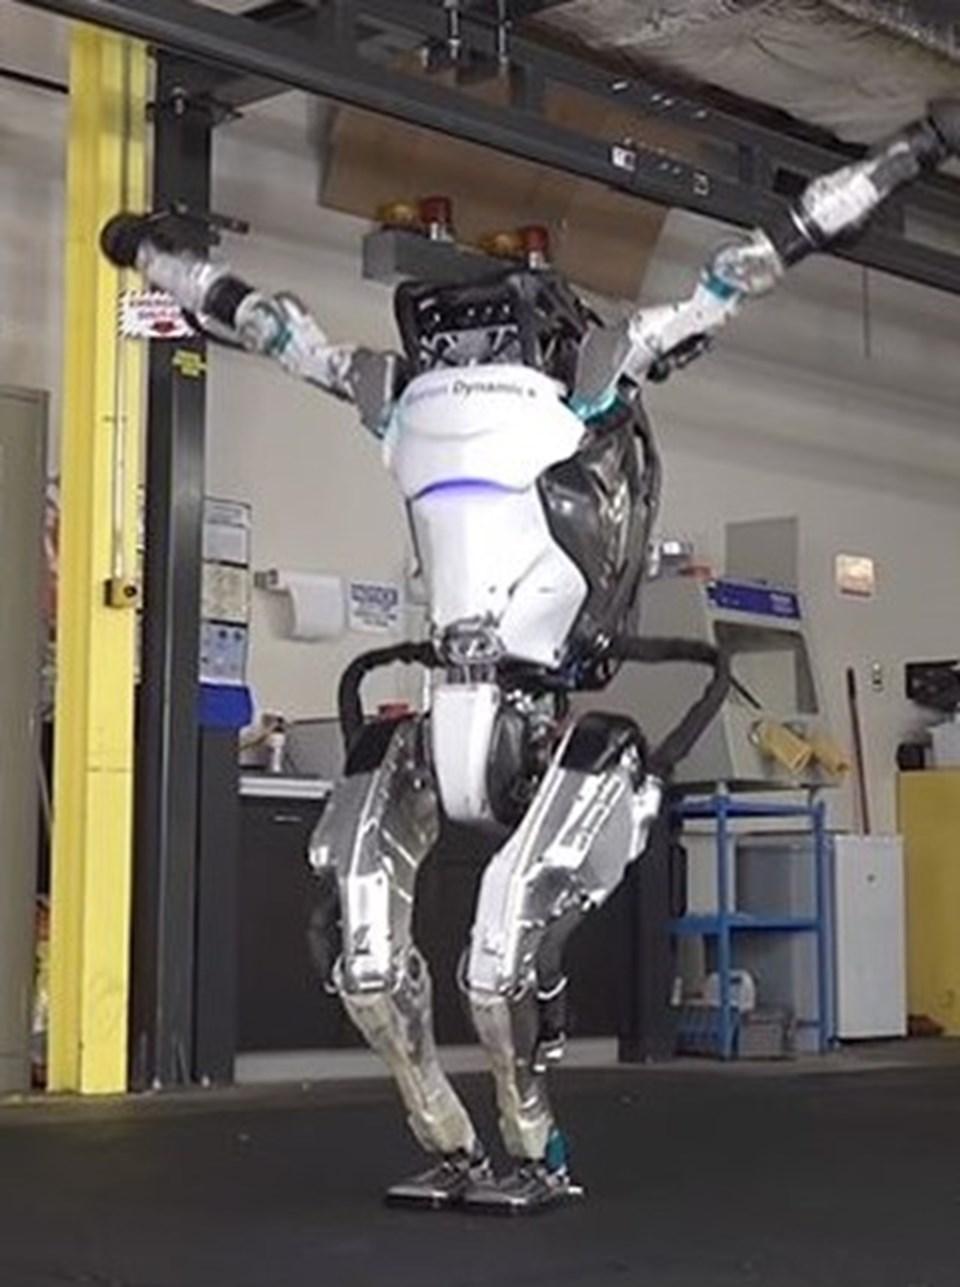 Atlas, yeni özellikleriyle vücudunu, bacaklarını, kollarını ve gövdesini bir dizi jimnastik hareketi yapmak için daha hızlı ve çevik bir şekilde kullanabiliyor.